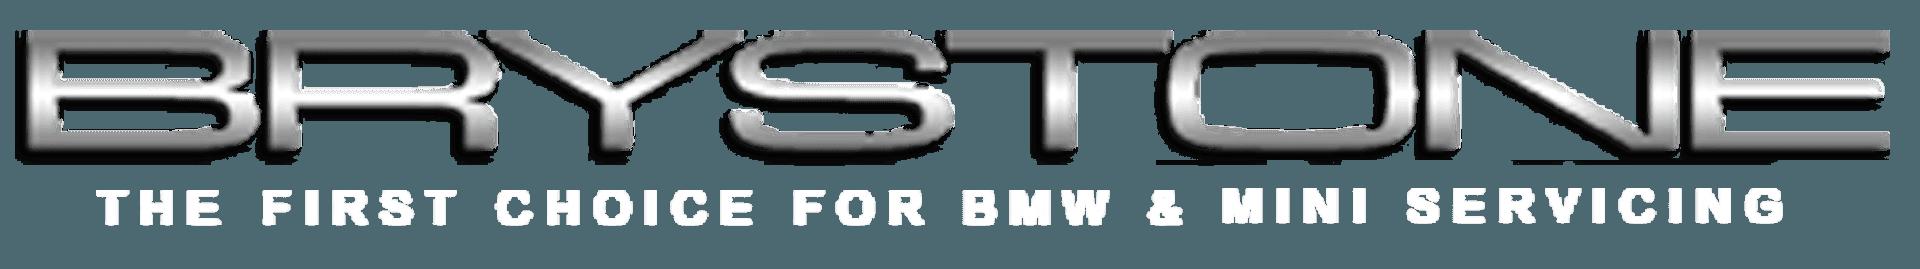 Brystone Ltd company logo